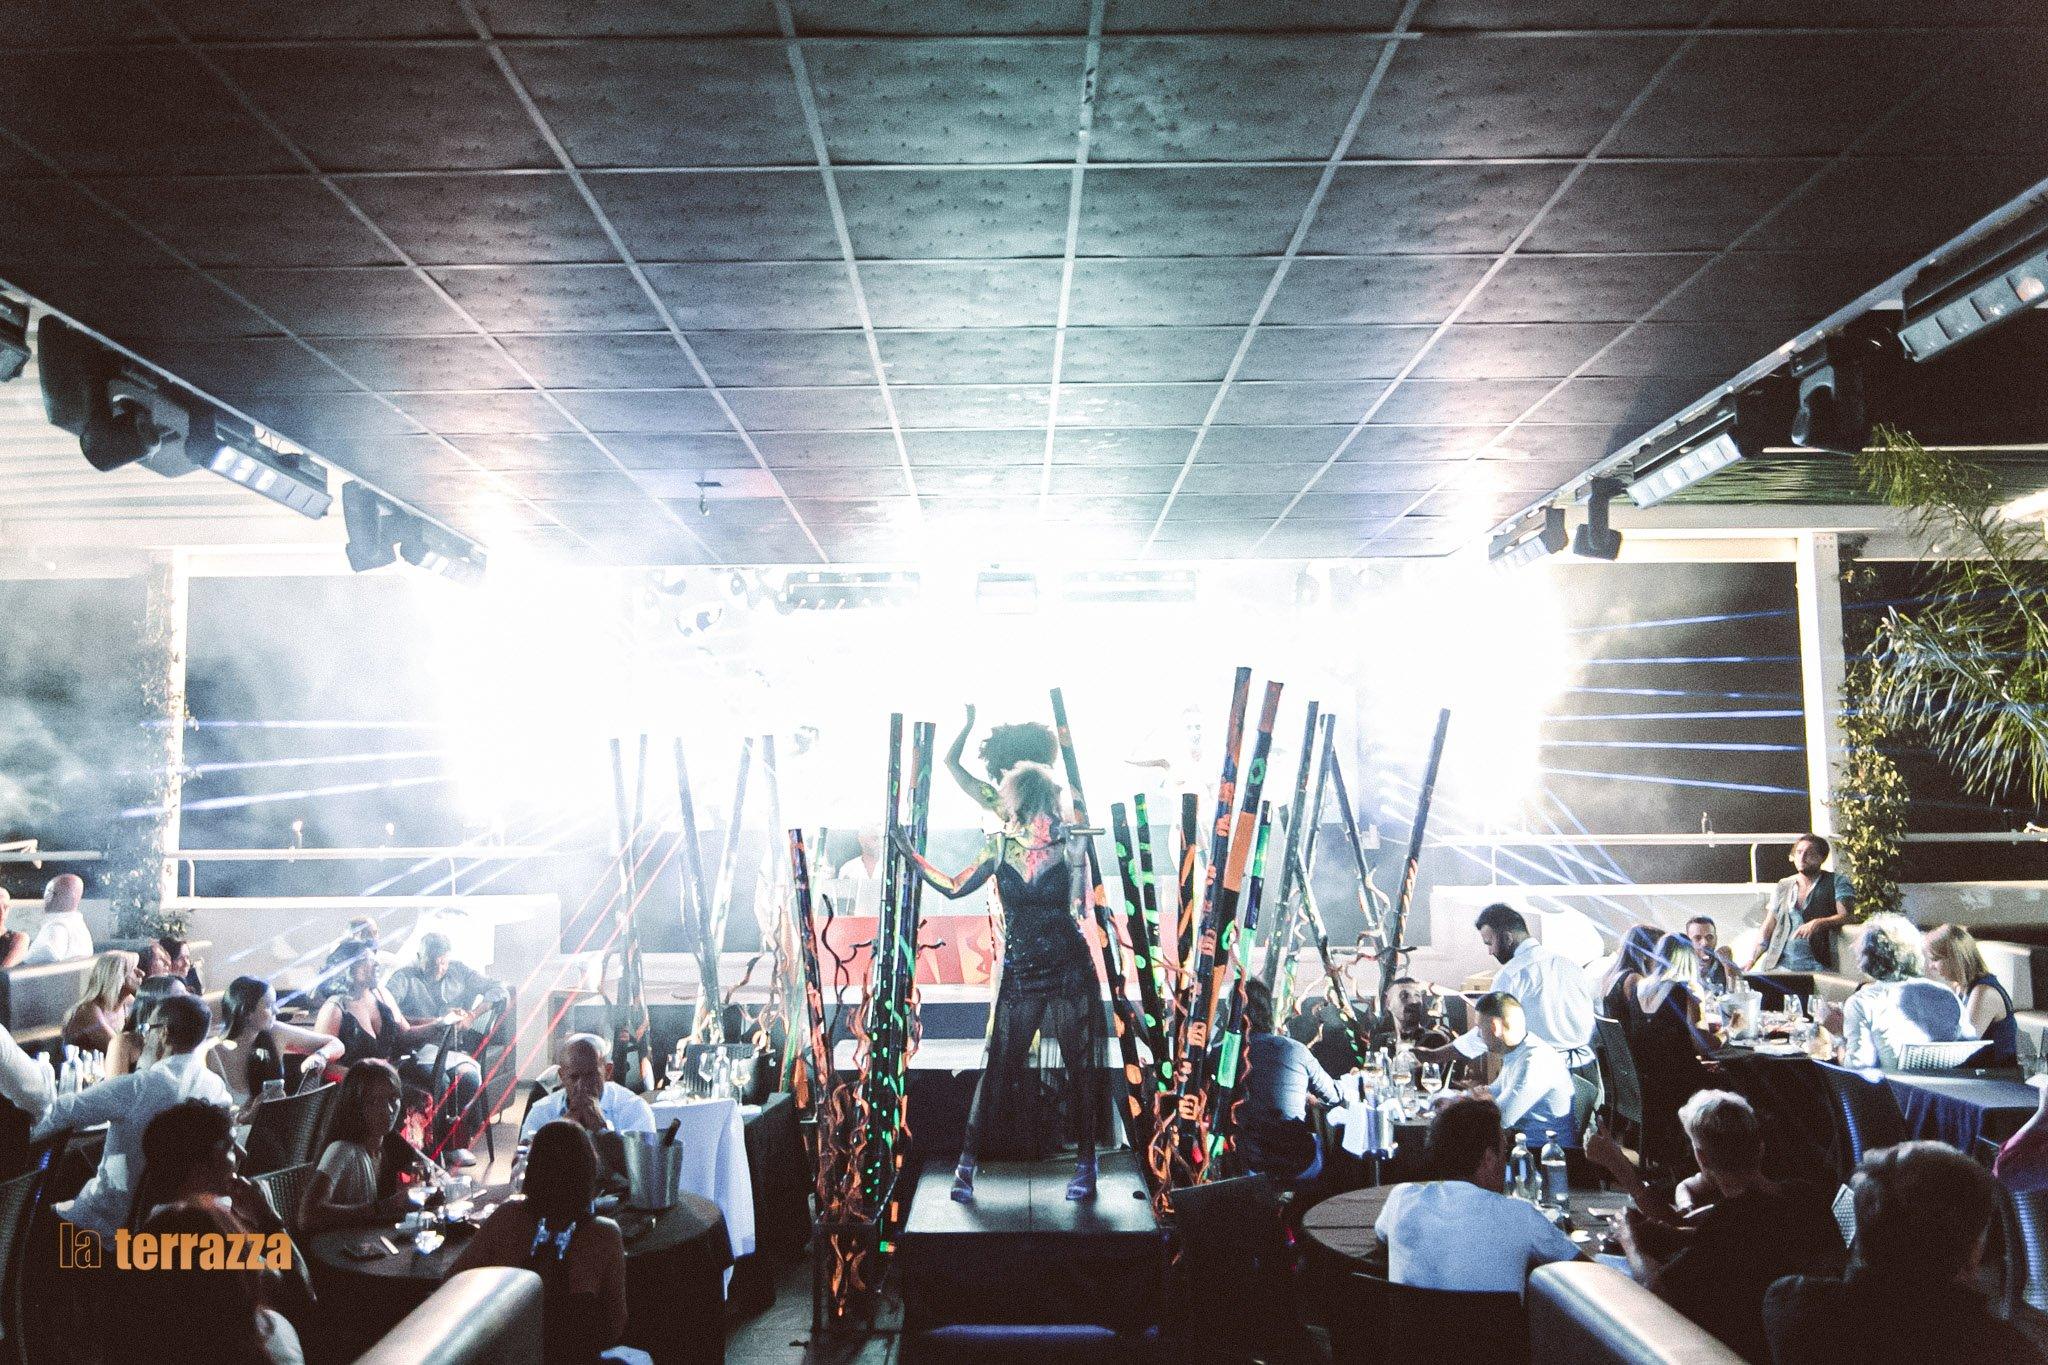 Discoteca La Terrazza San Benedetto Del Tronto, secondo evento Mucca Pazza 2